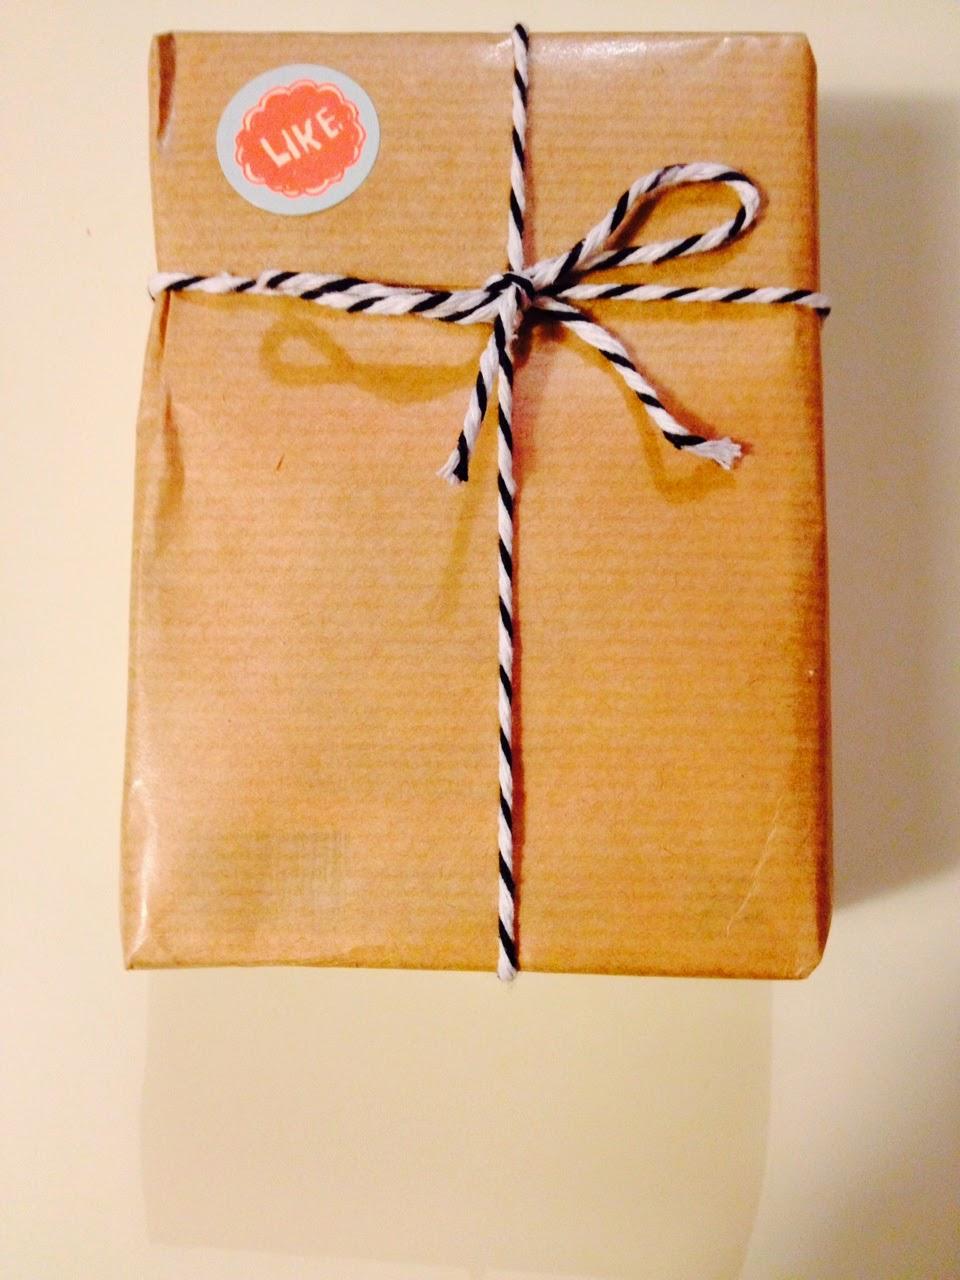 http://www.globeshoppeuse.com/2014/05/des-cadeaux-joliement-emballes-avec.html